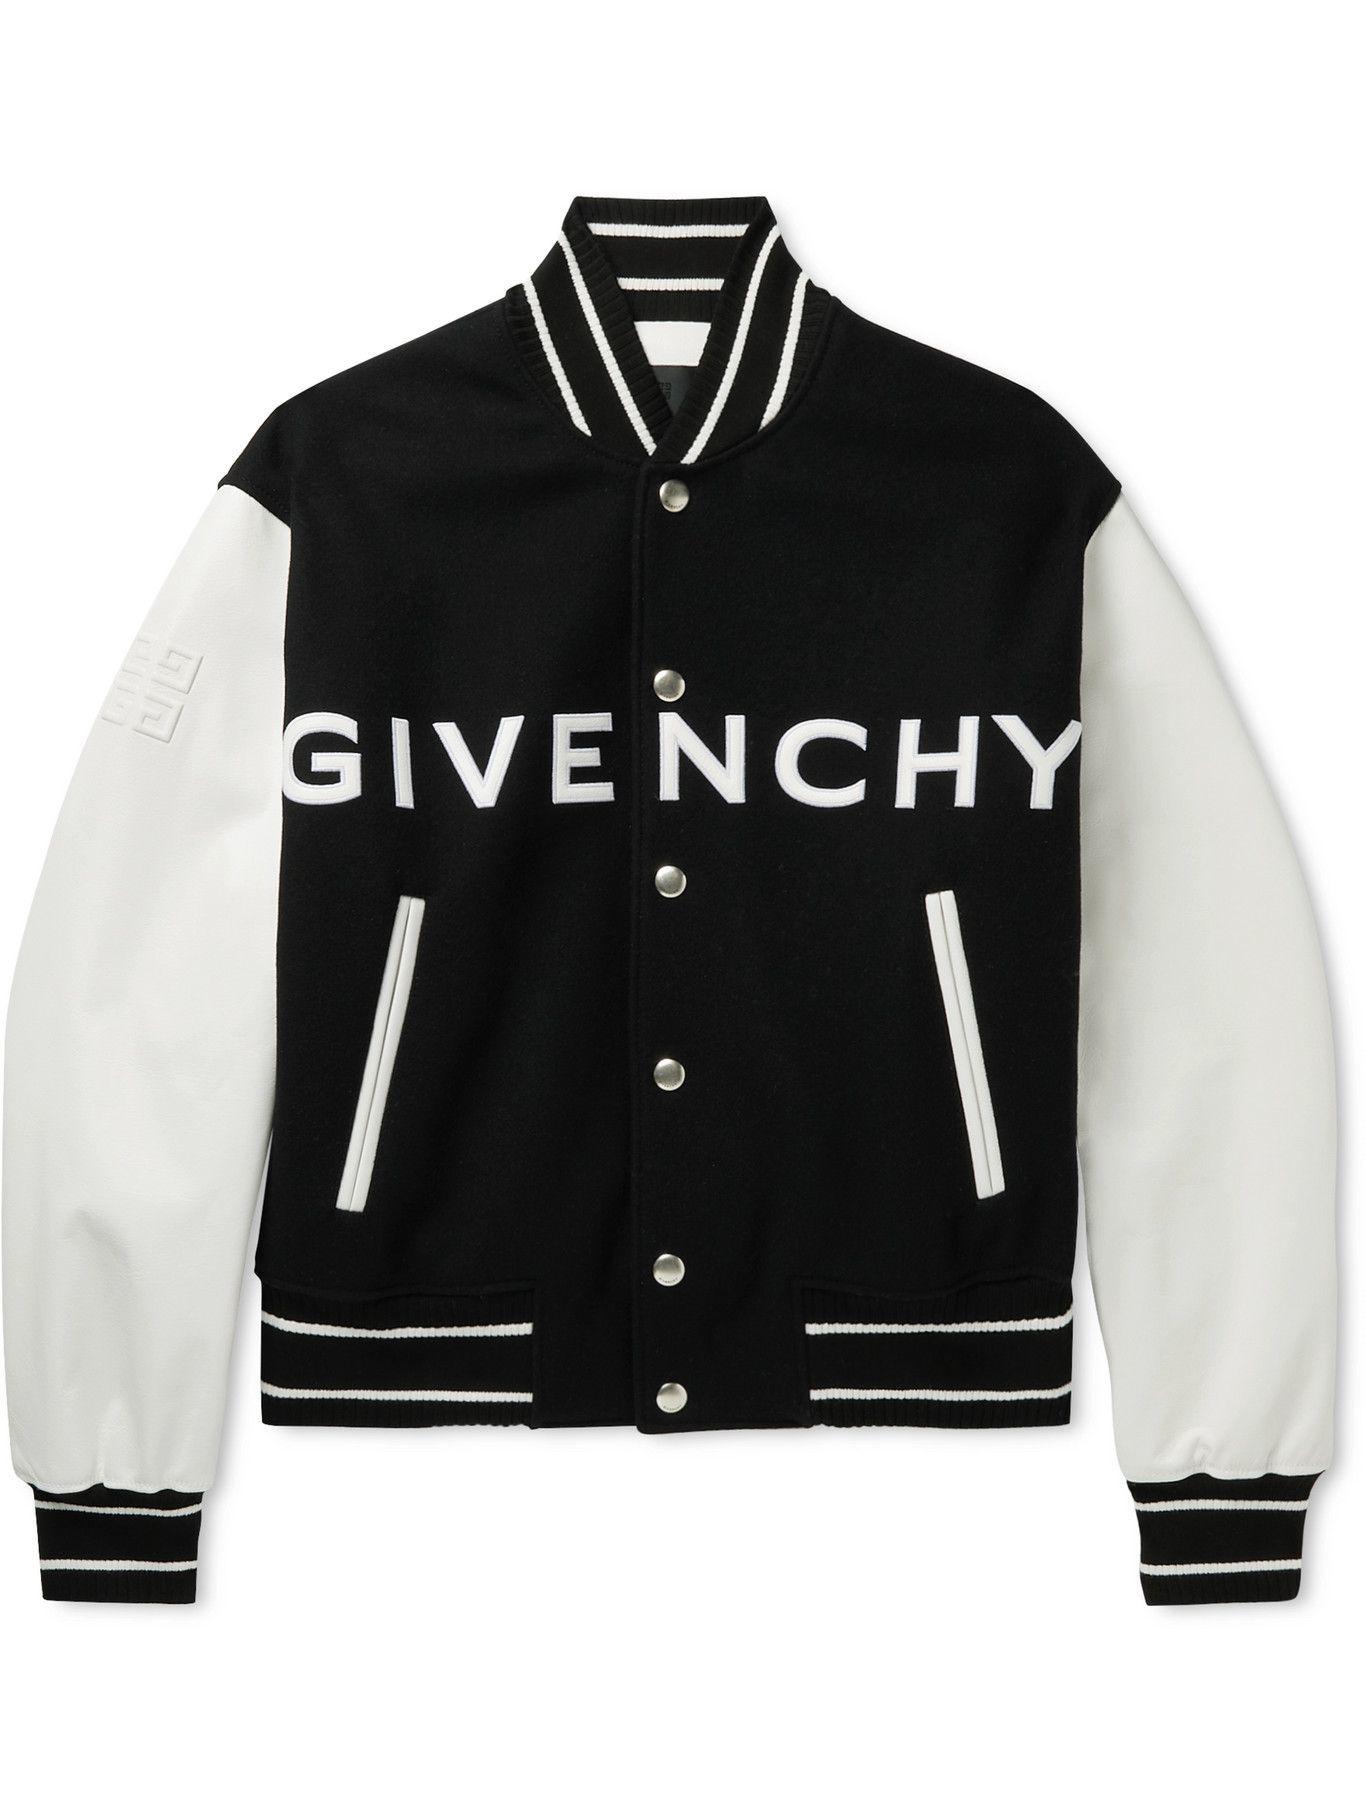 Photo: GIVENCHY - Logo-Appliquéd Leather-Trimmed Wool-Blend Bomber Jacket - Black